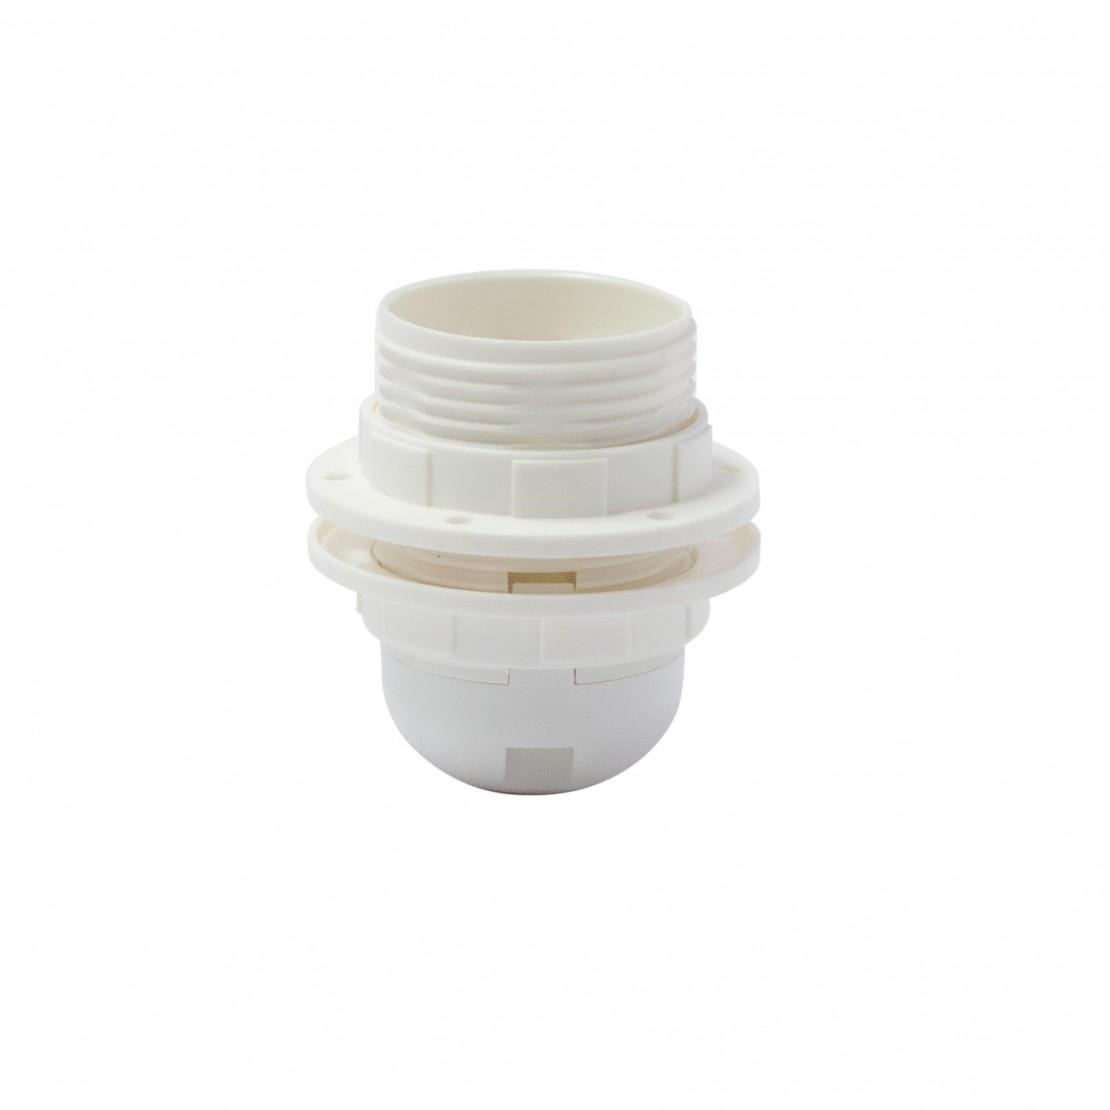 Casquilho roscado E27 branco com ligações rápidas